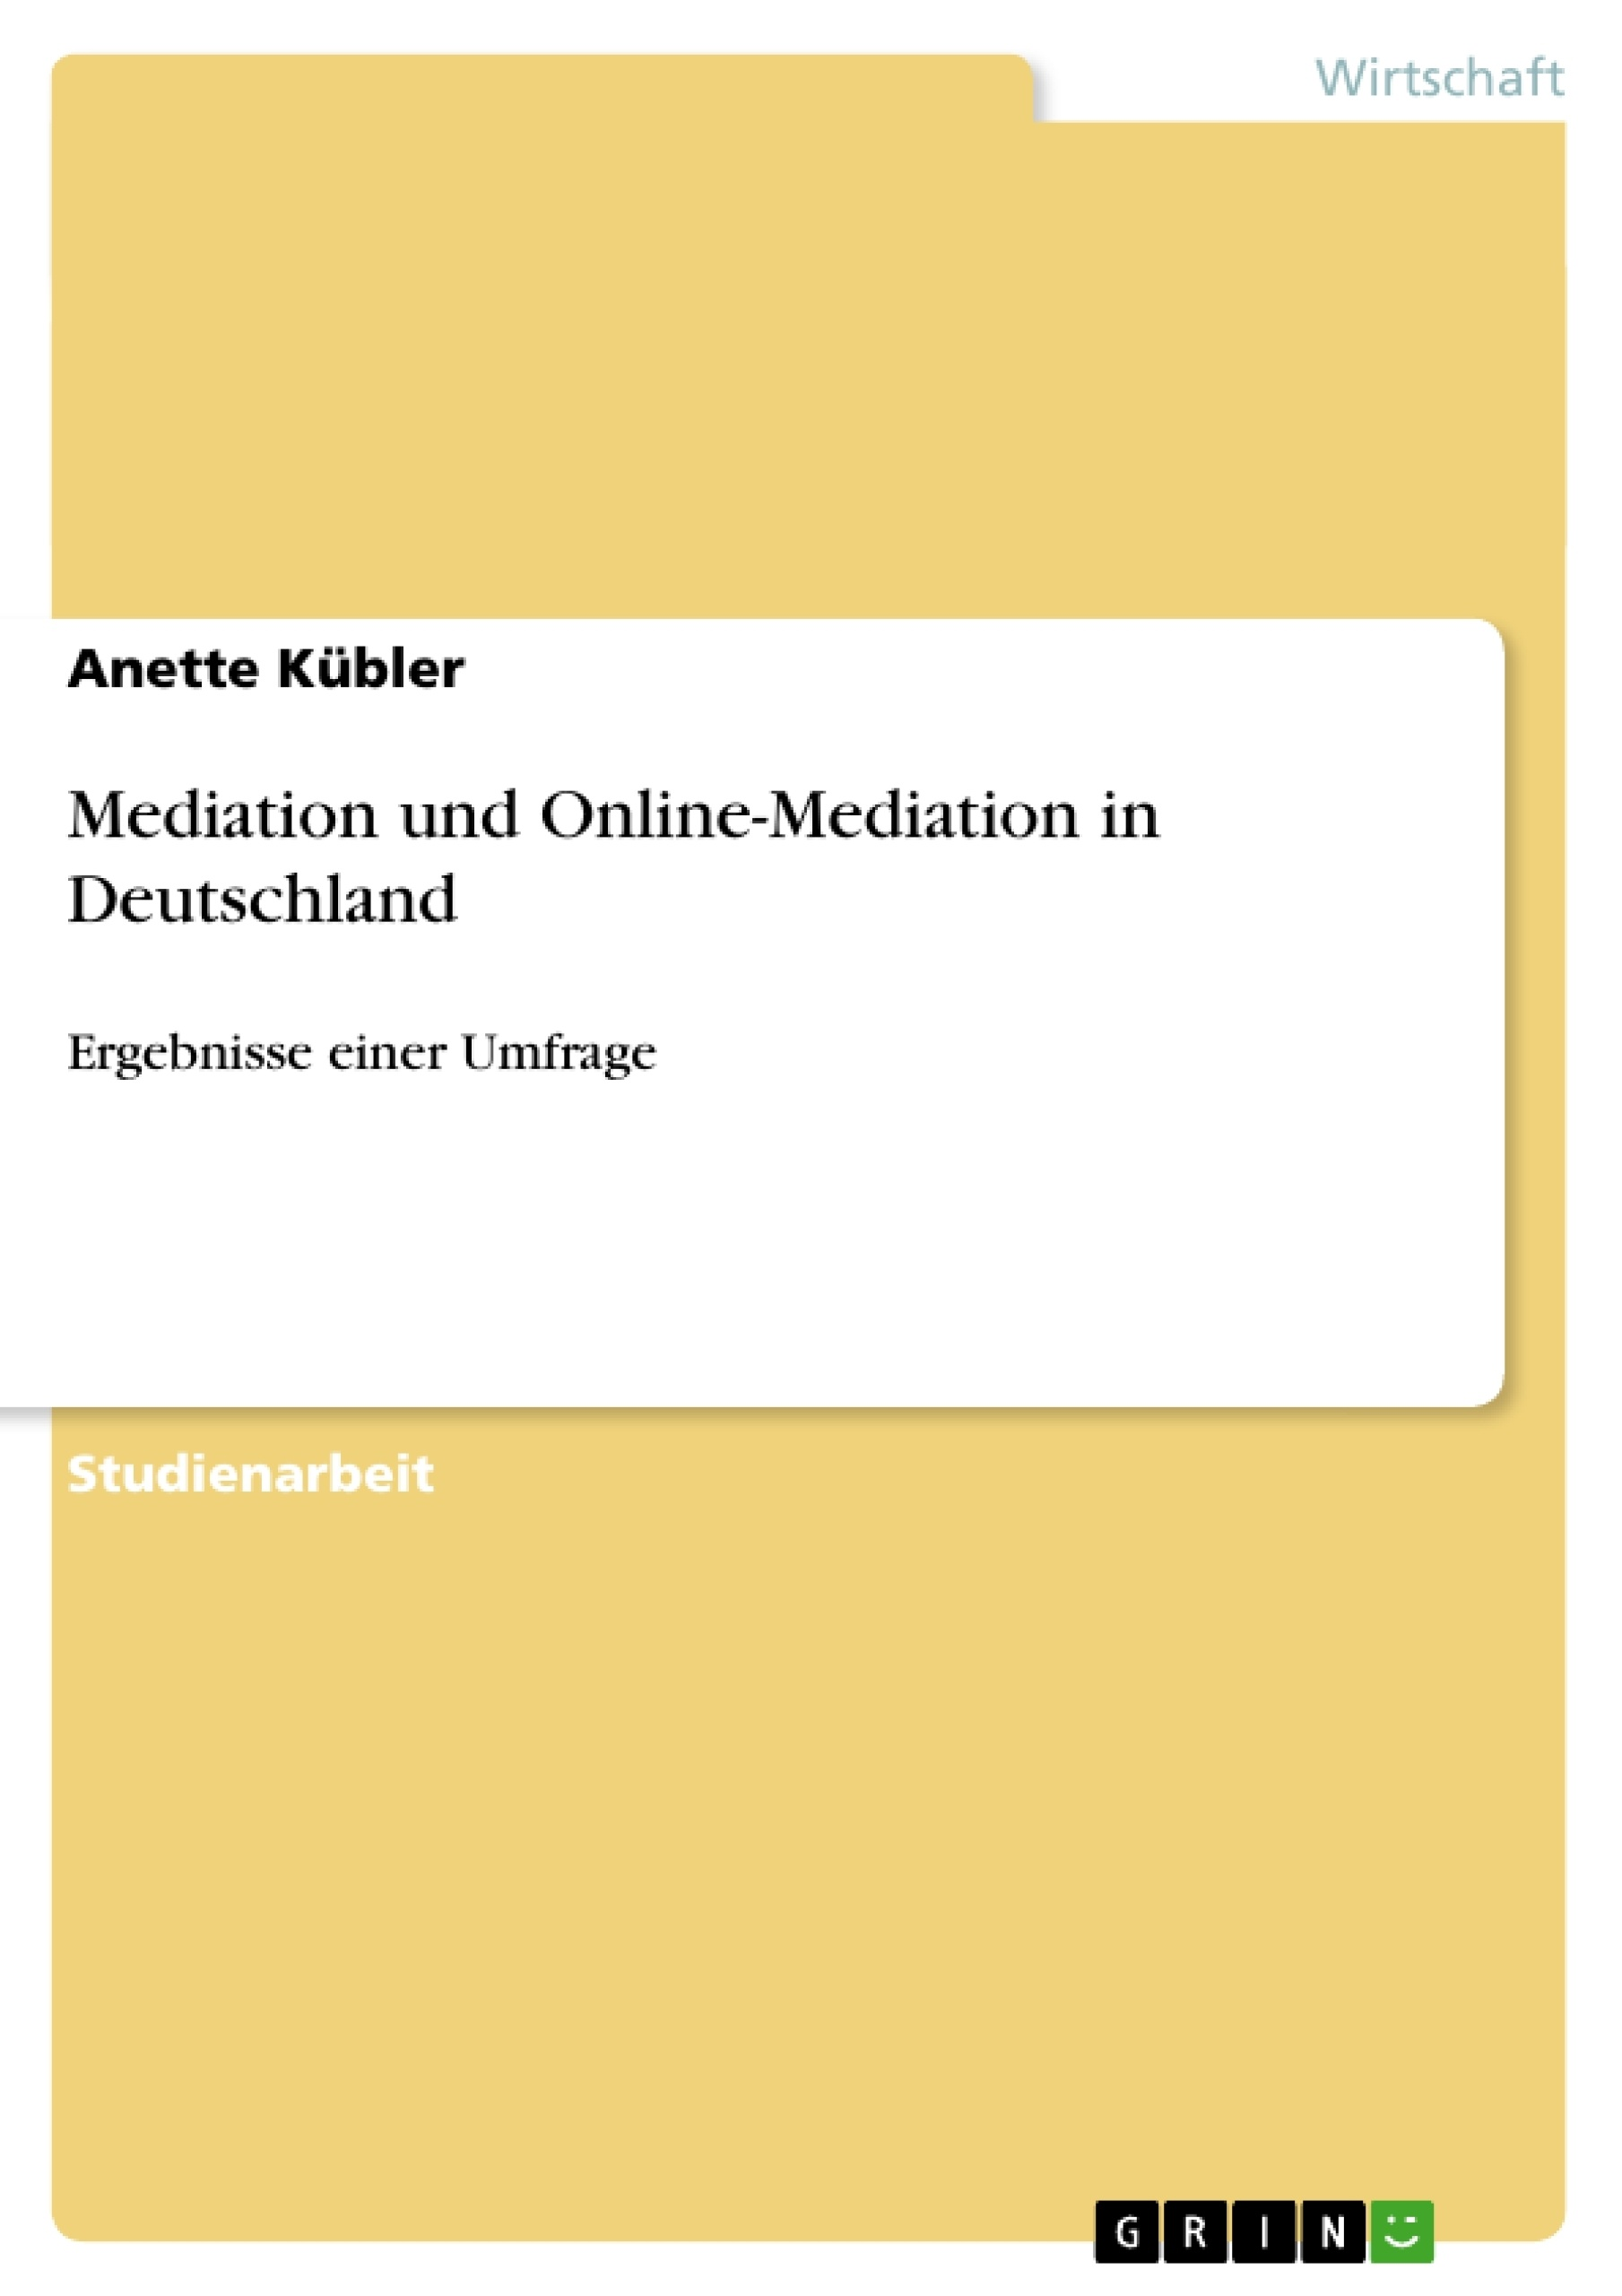 Titel: Mediation und Online-Mediation in Deutschland